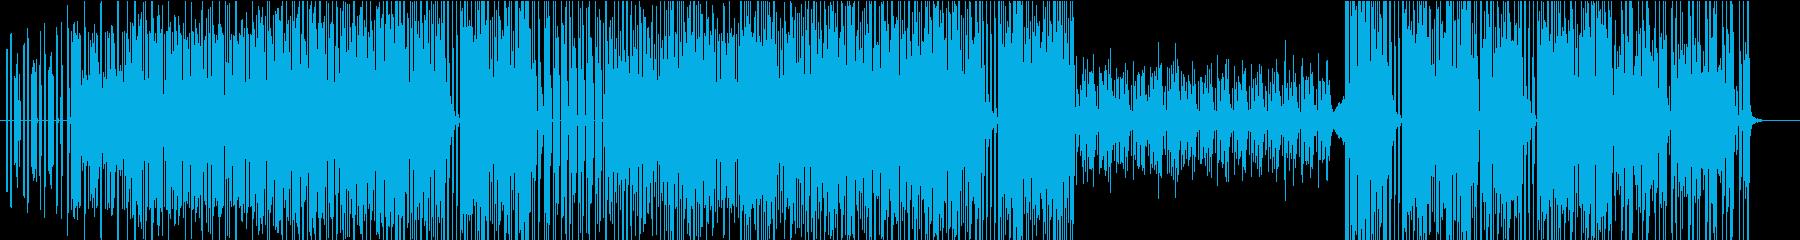 軽快なテクノポップBGMの再生済みの波形